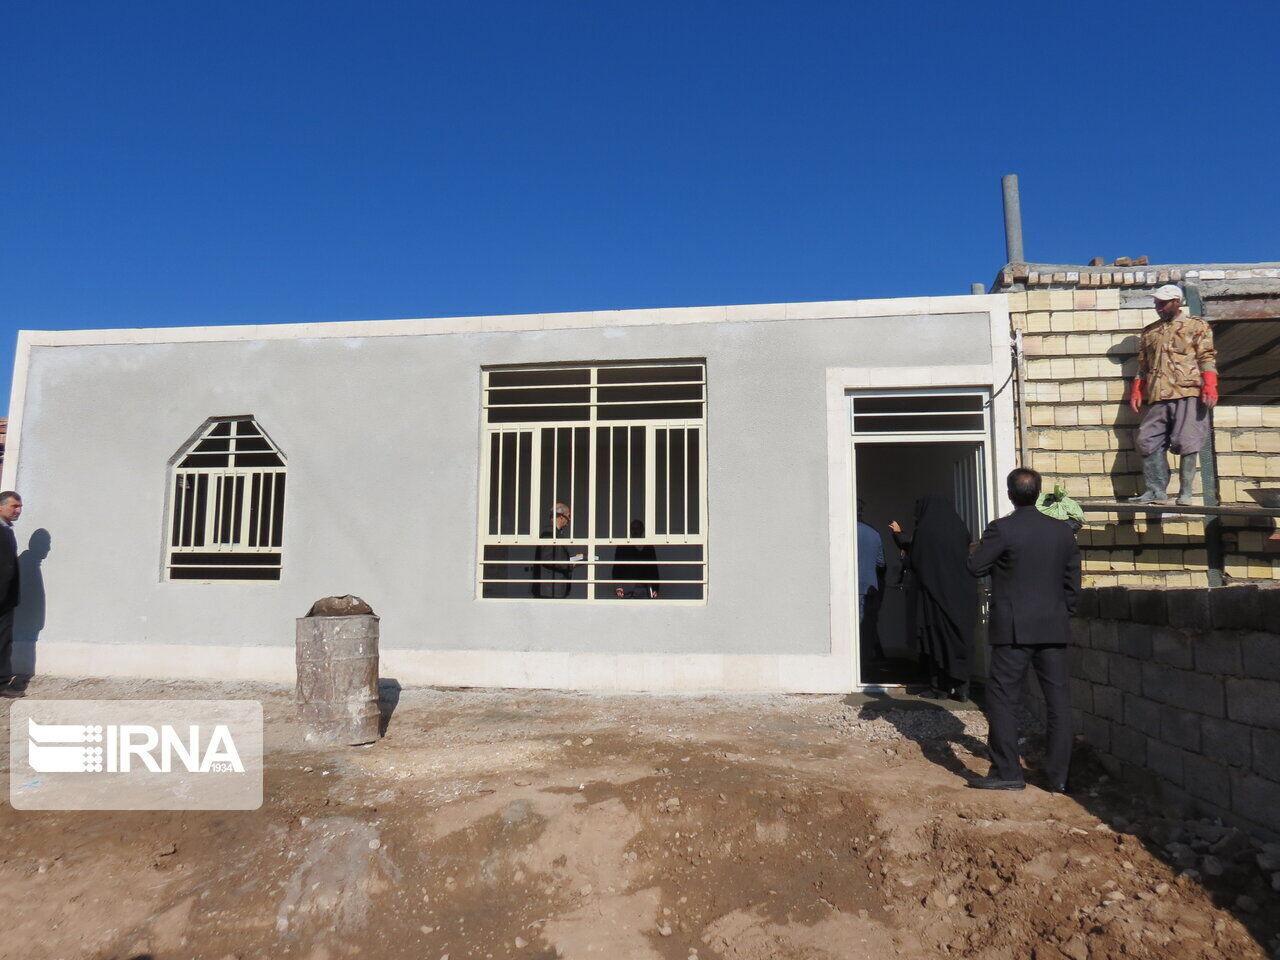 ۱۰ هزار واحد مسکونی خراسان شمالی مقاومسازی شد,خراسان شمالی+بجنورد+بنیاد مسکن+علی محمدی